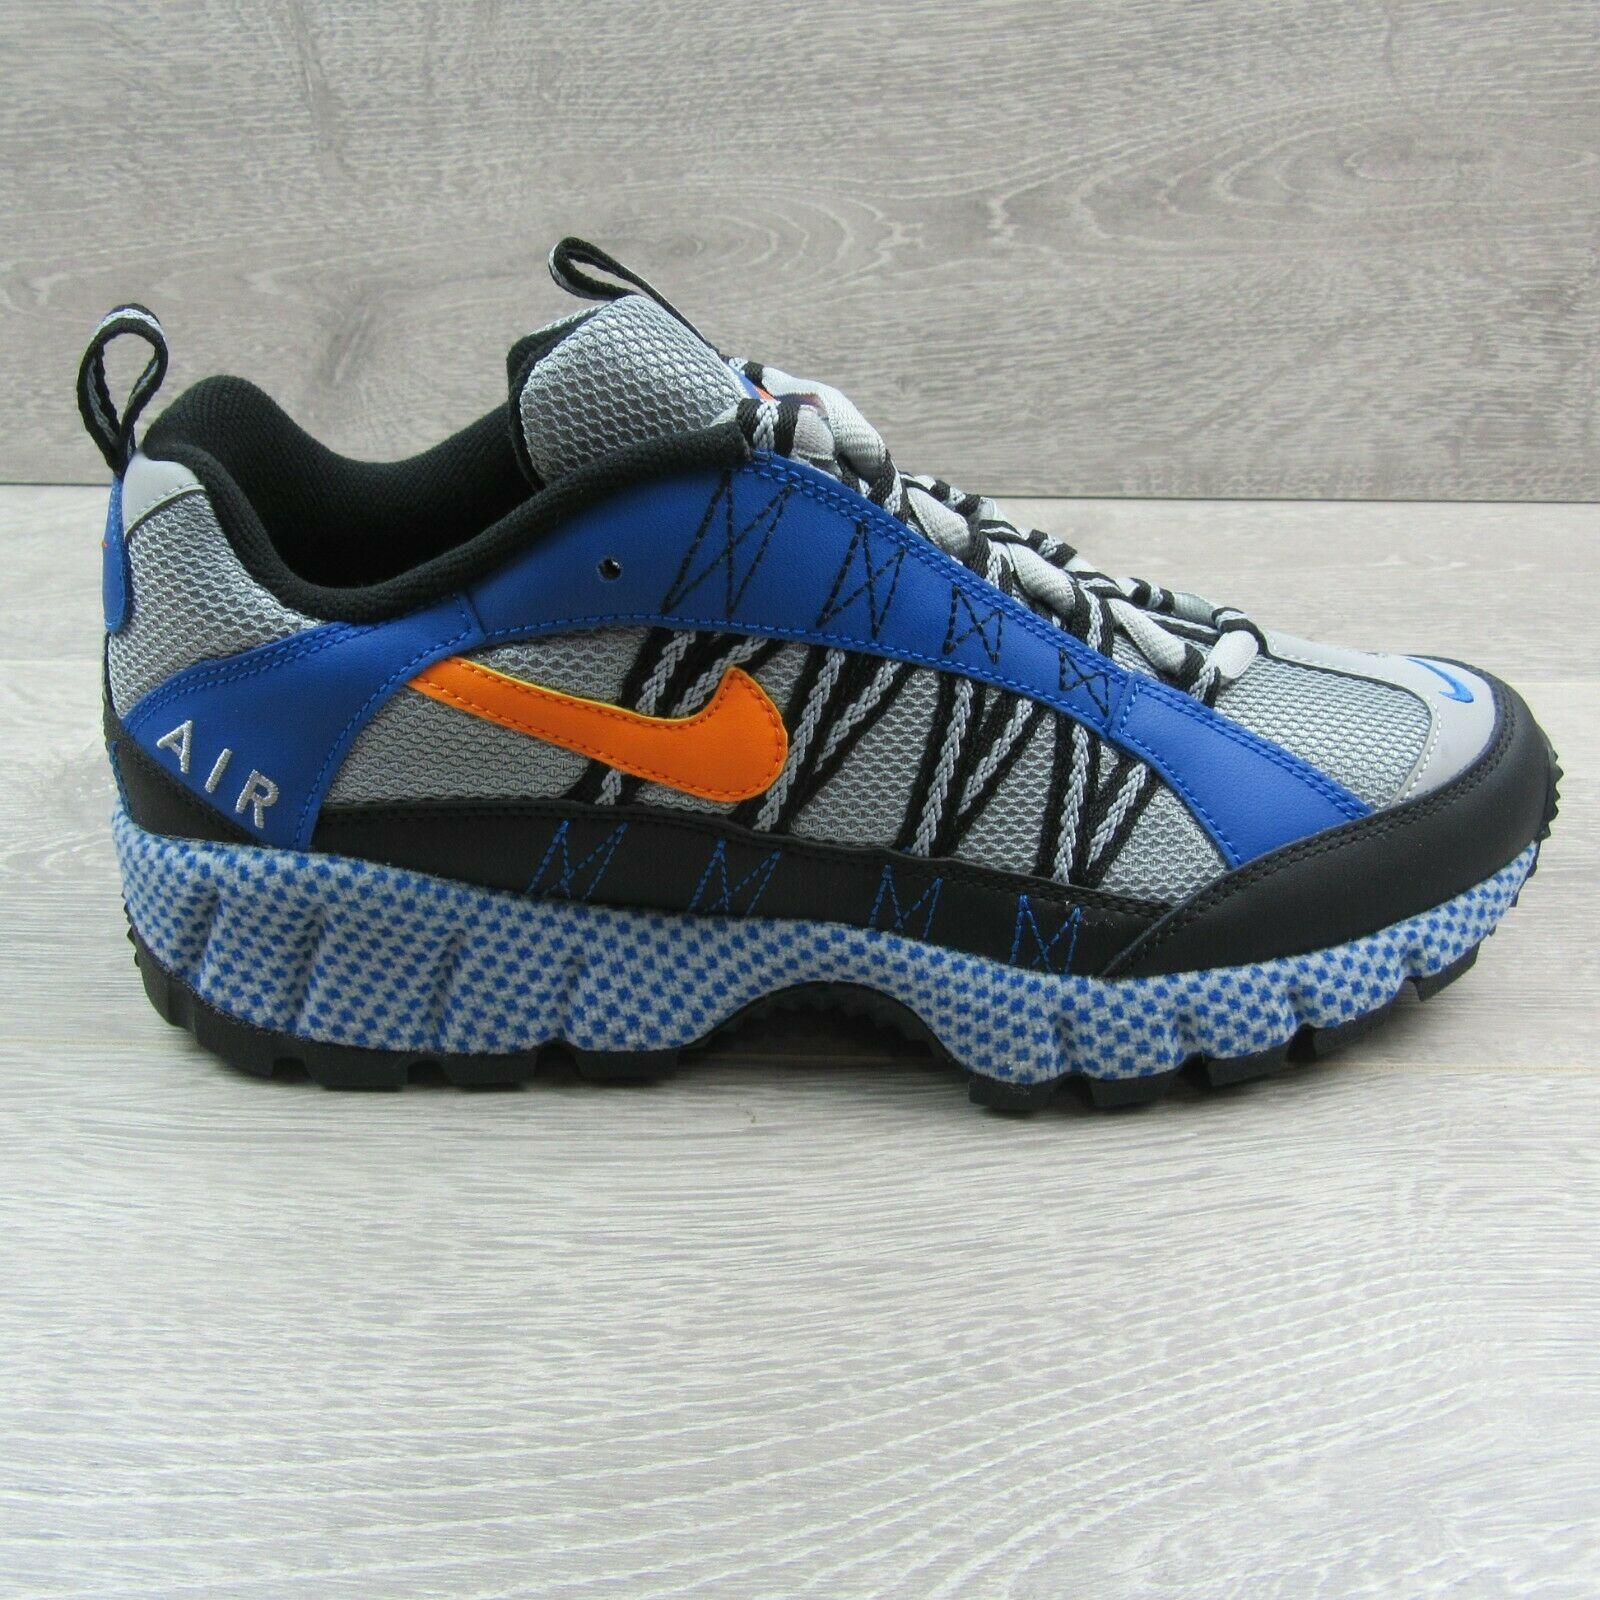 Nike Air Humara 17' QS Hiking Trail Mens Shoes Blue Spark Silver AO3297 001 New